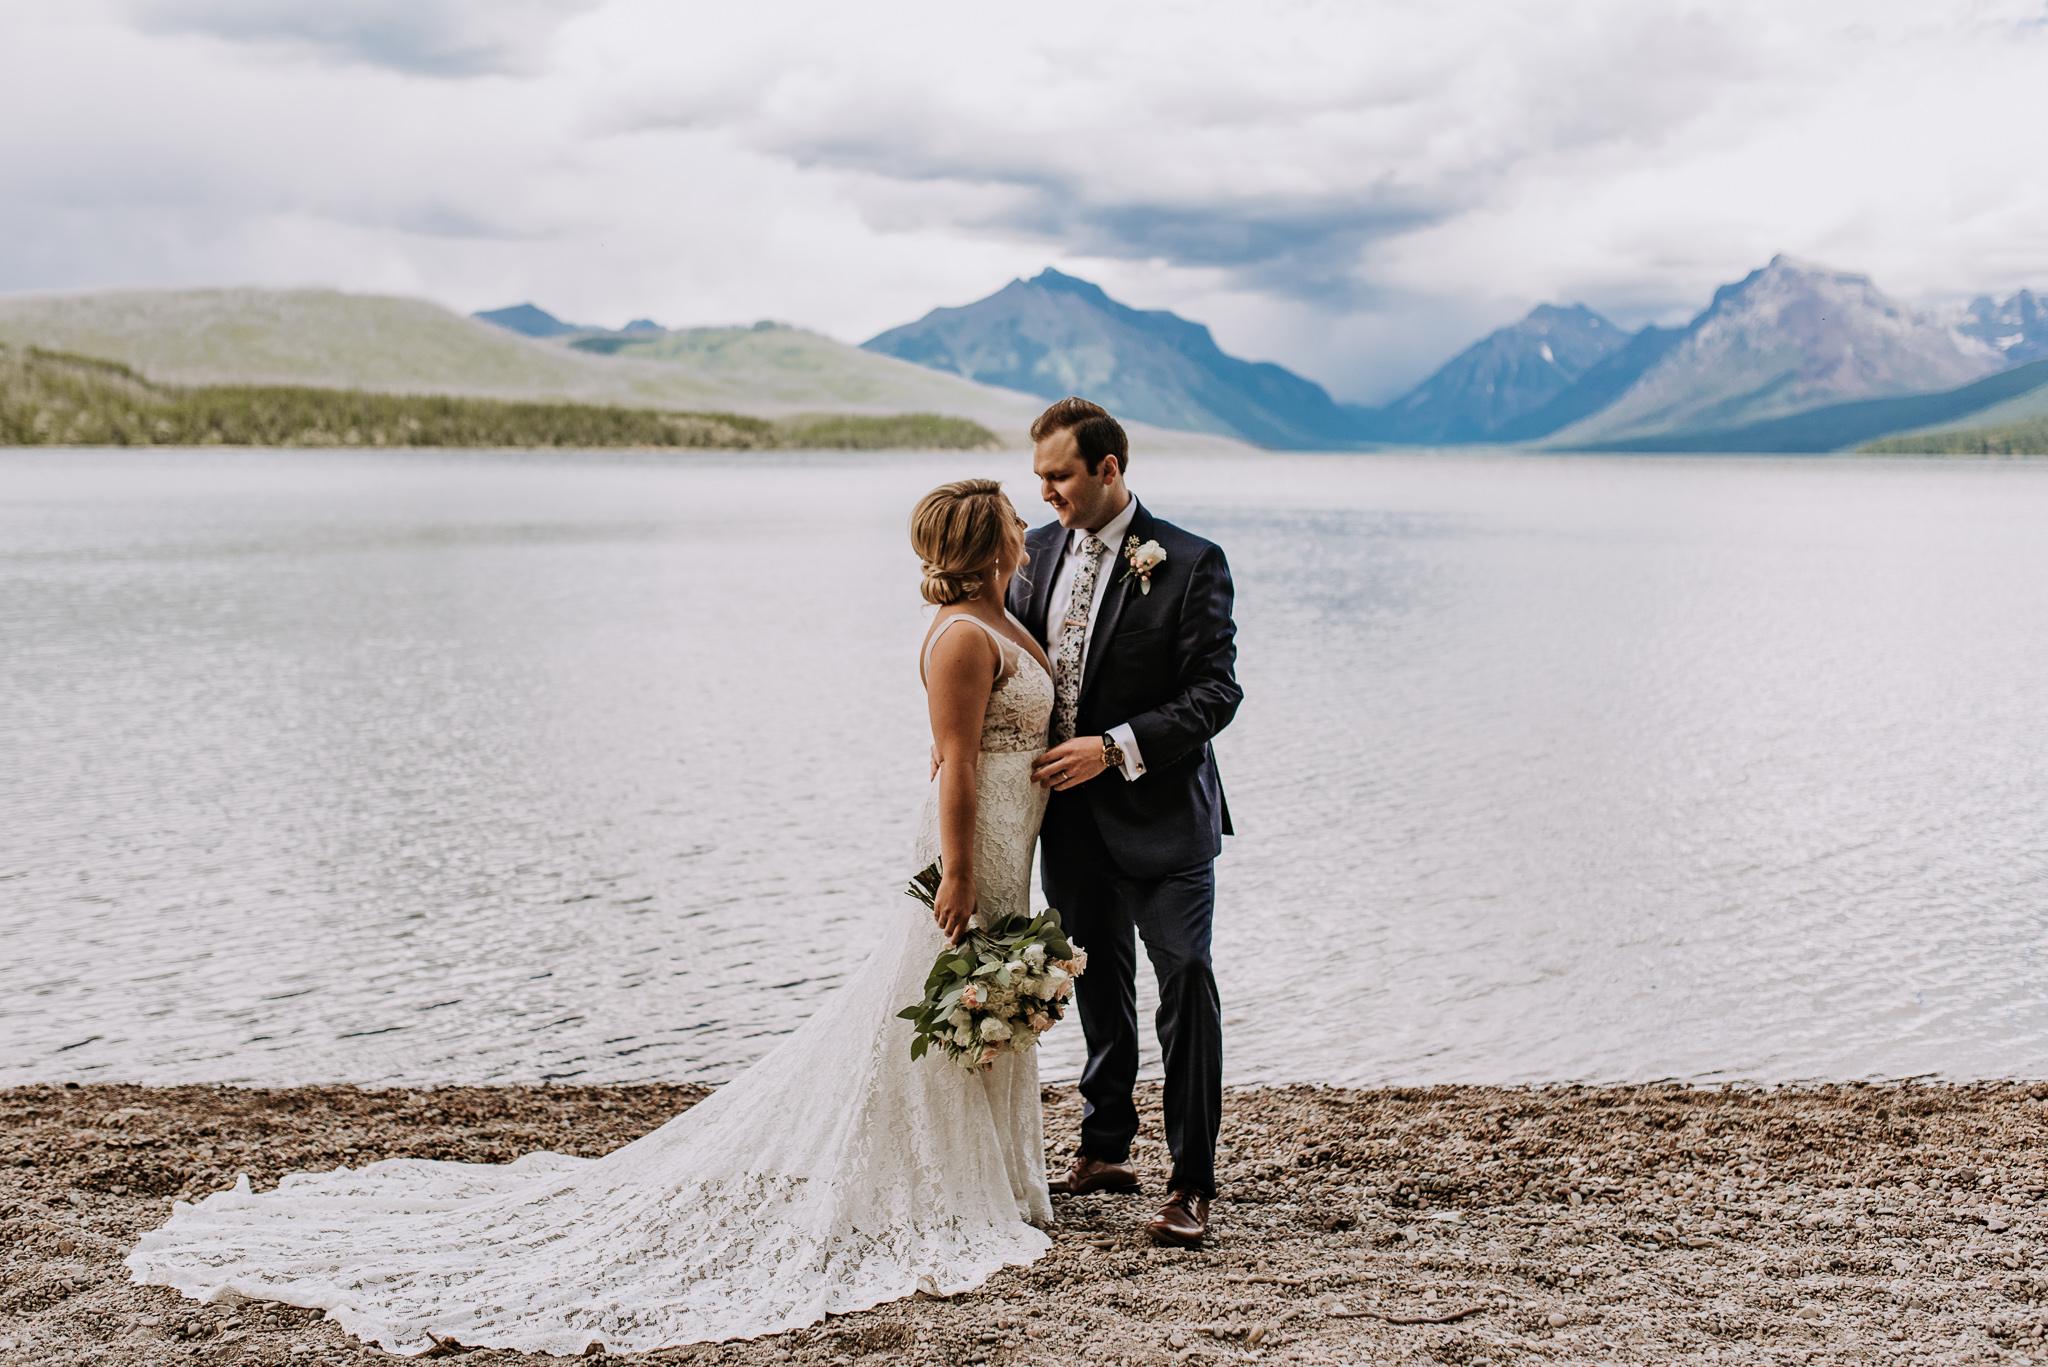 glacier-park-wedding-33.jpg